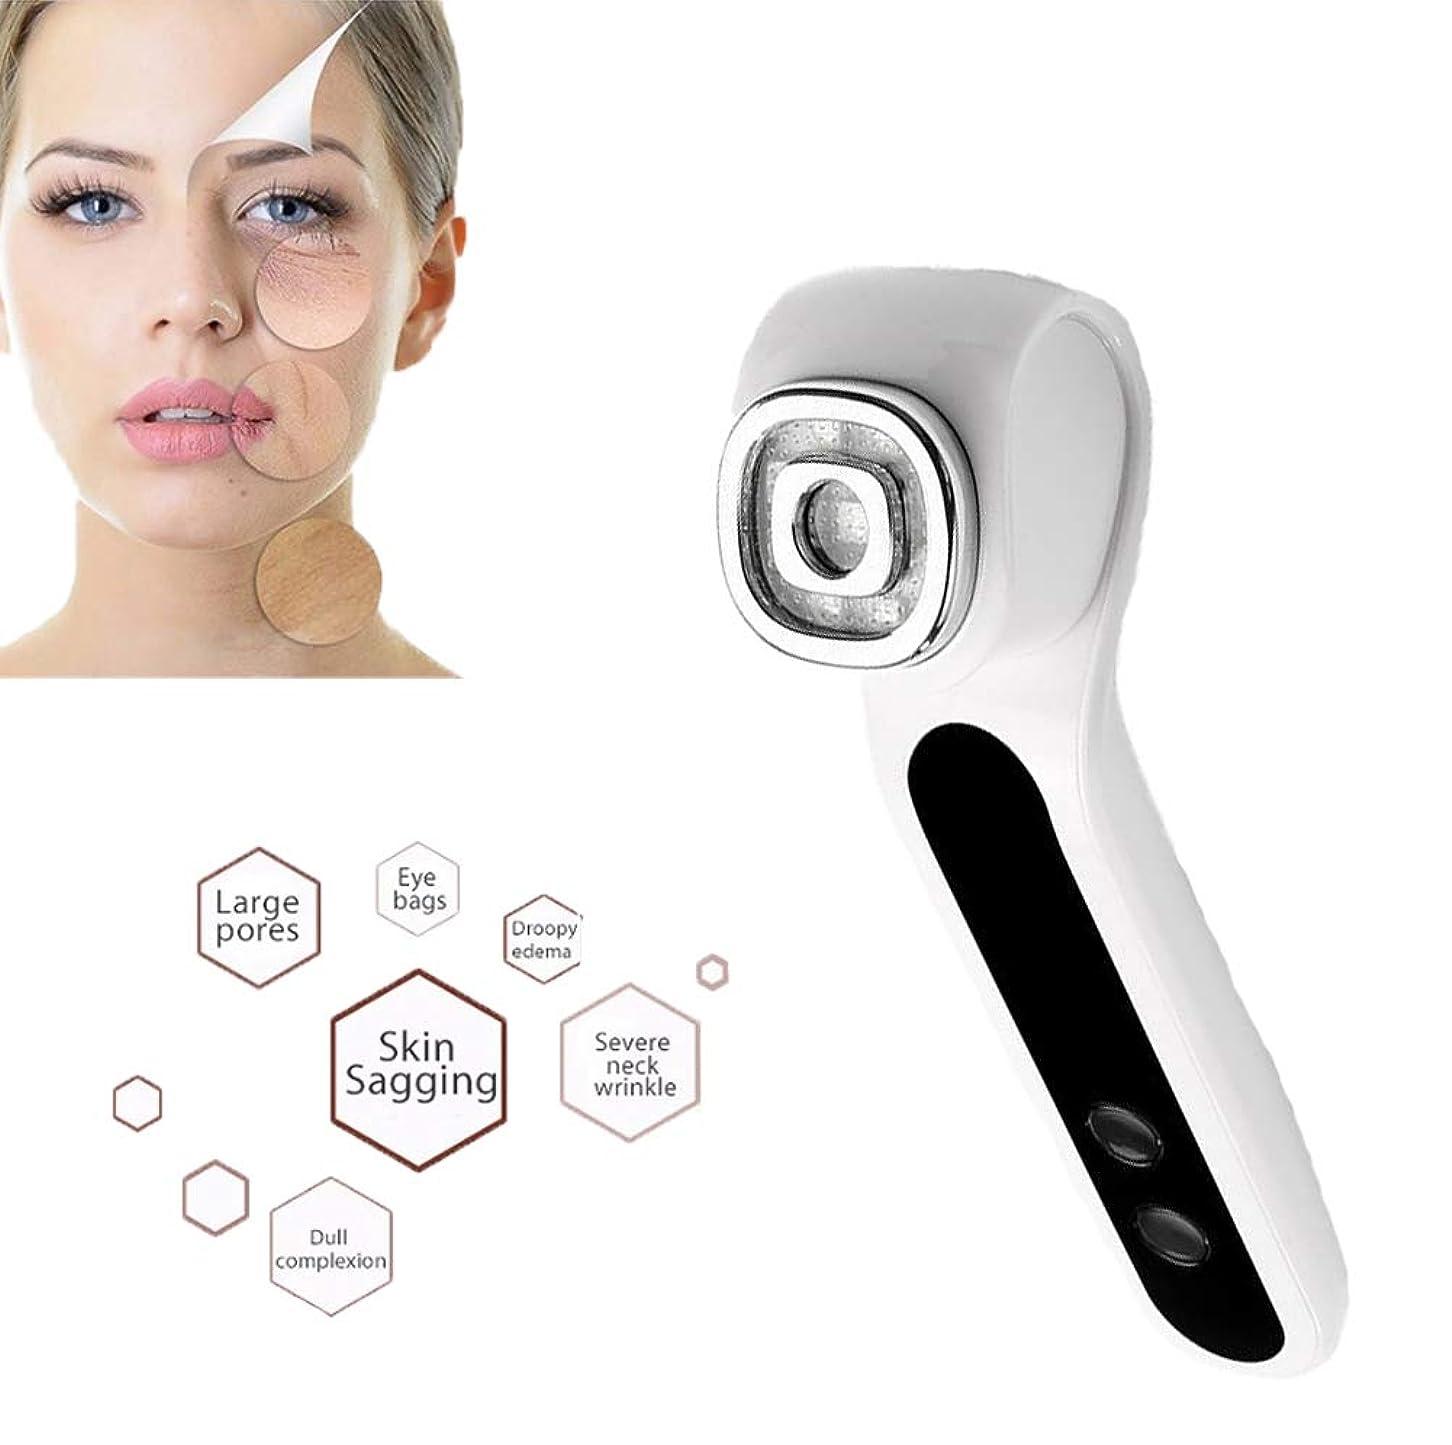 ヨーグルトコピー神話美容化粧品LED光子療法RF + EMSリフティングイオンクレンジング振動肌の整形マッサージ用家庭用